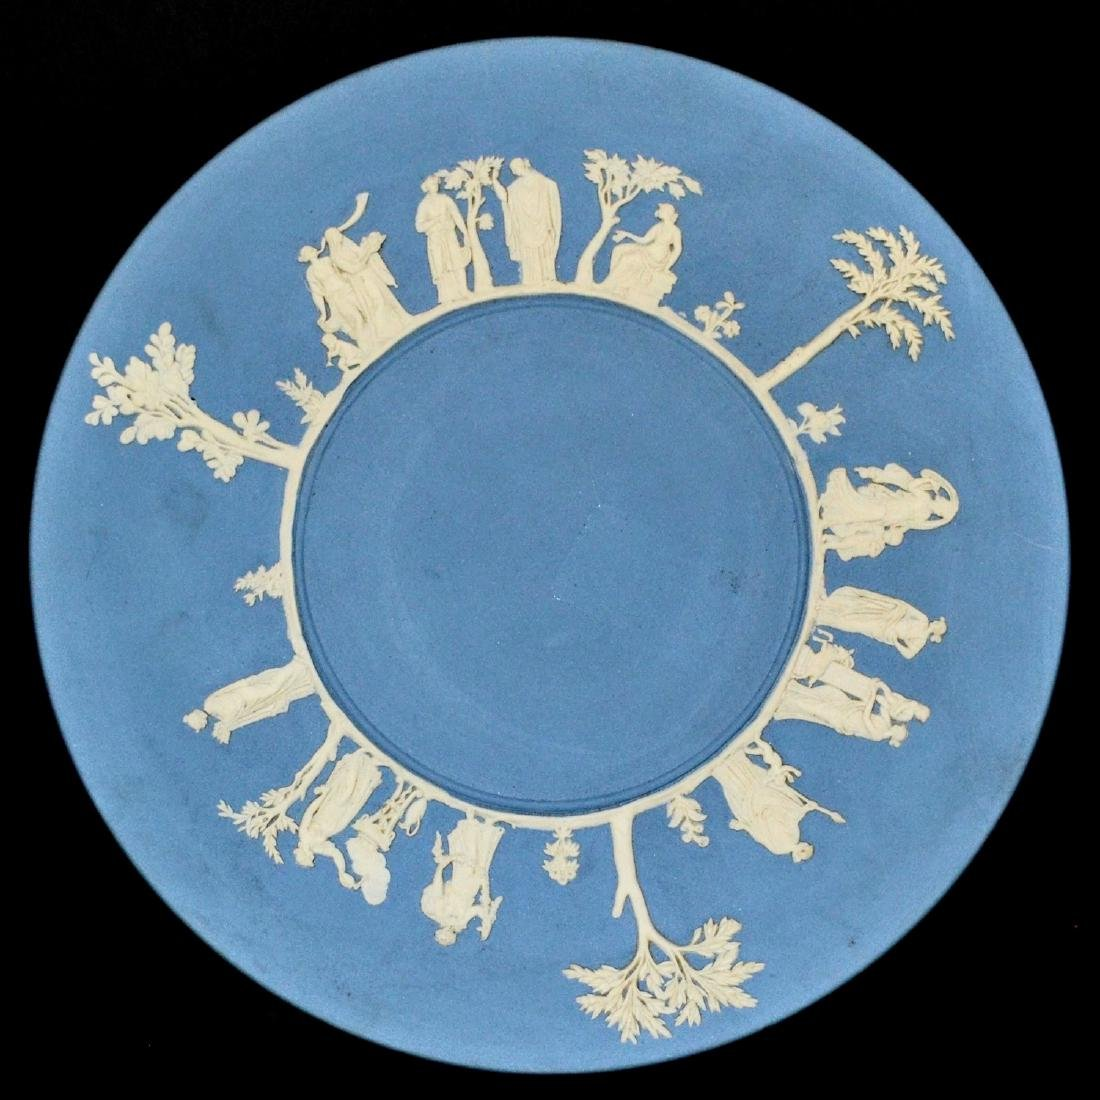 Vintage Wedgewood Plate